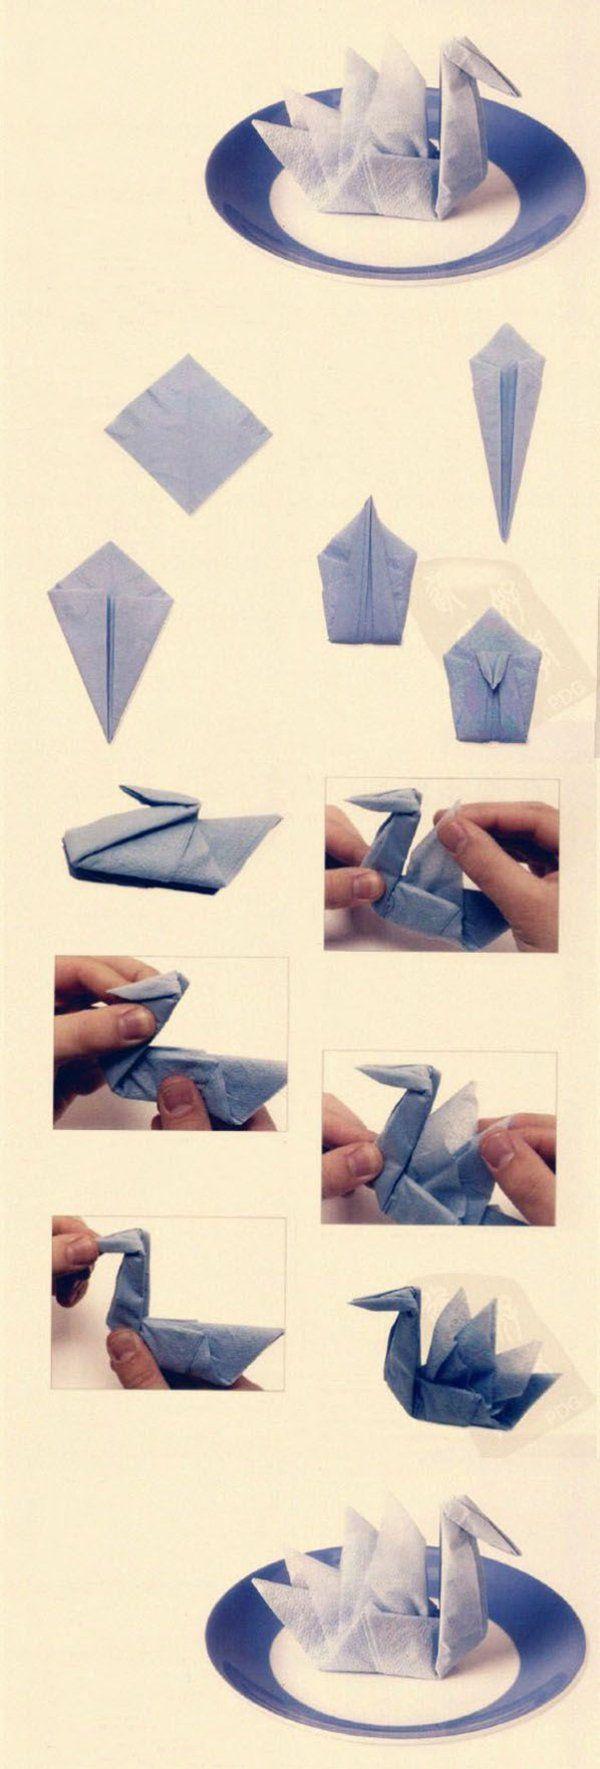 Papierservietten falten Anleitung - festliche Tischedeko kreieren #pliageserviettepapier